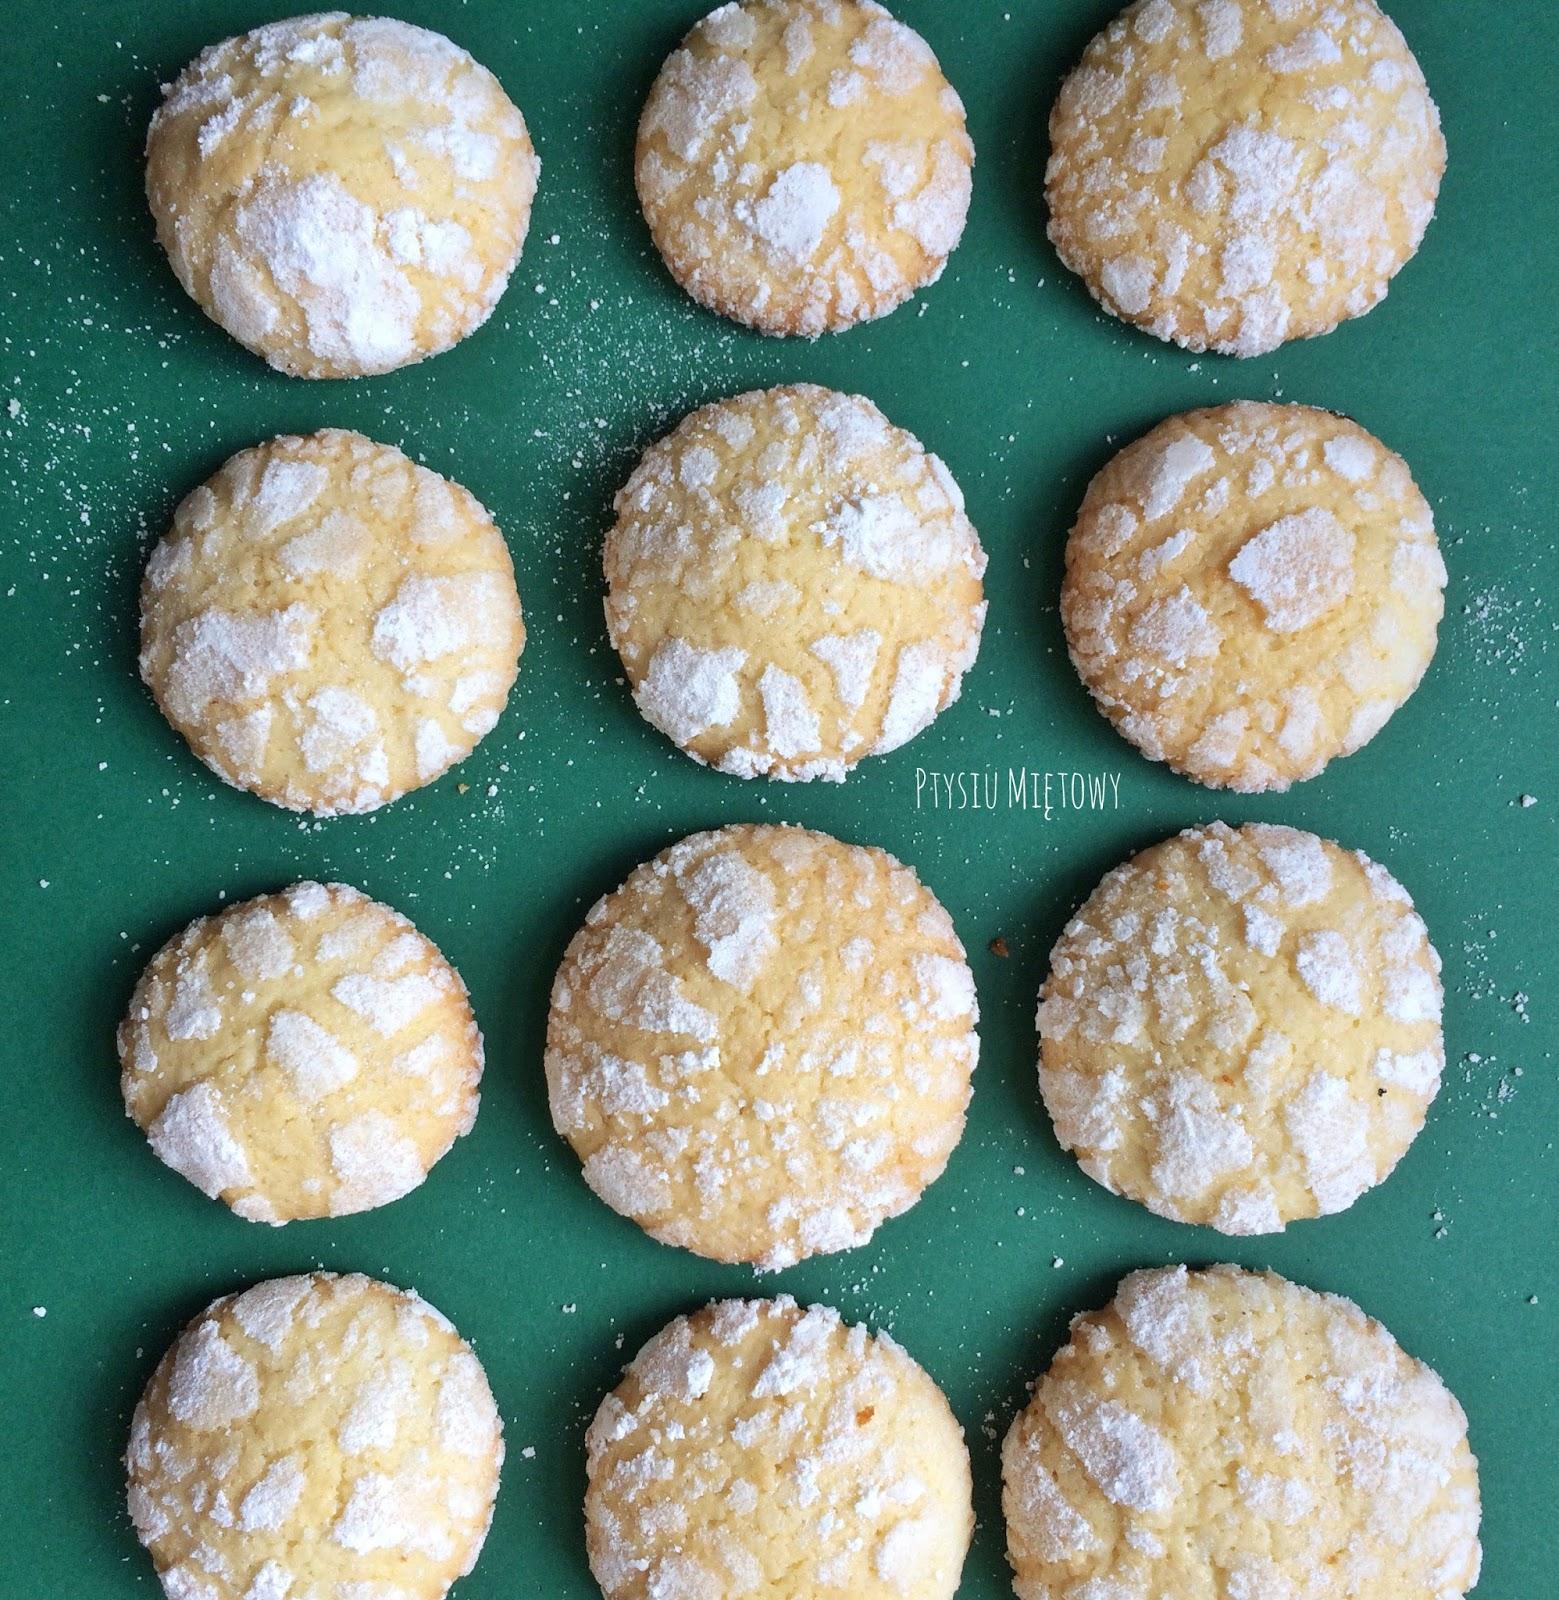 ciasteczka cytrynowe, ptysiu mietowy